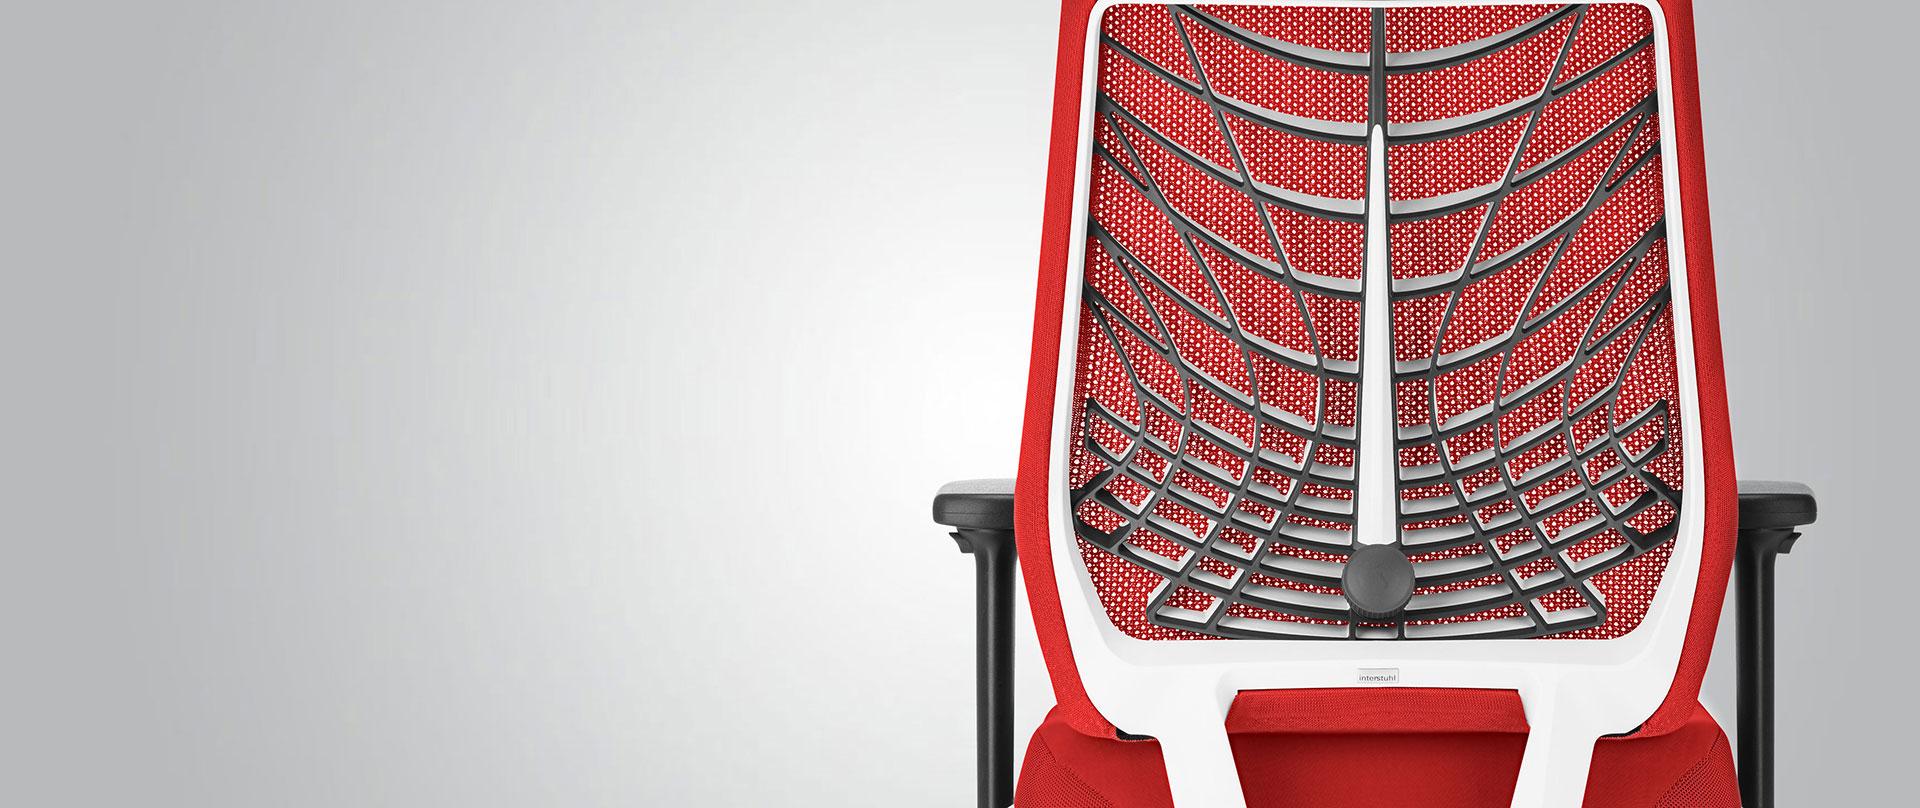 INTERSTUHL - Enjoy Seating Performance